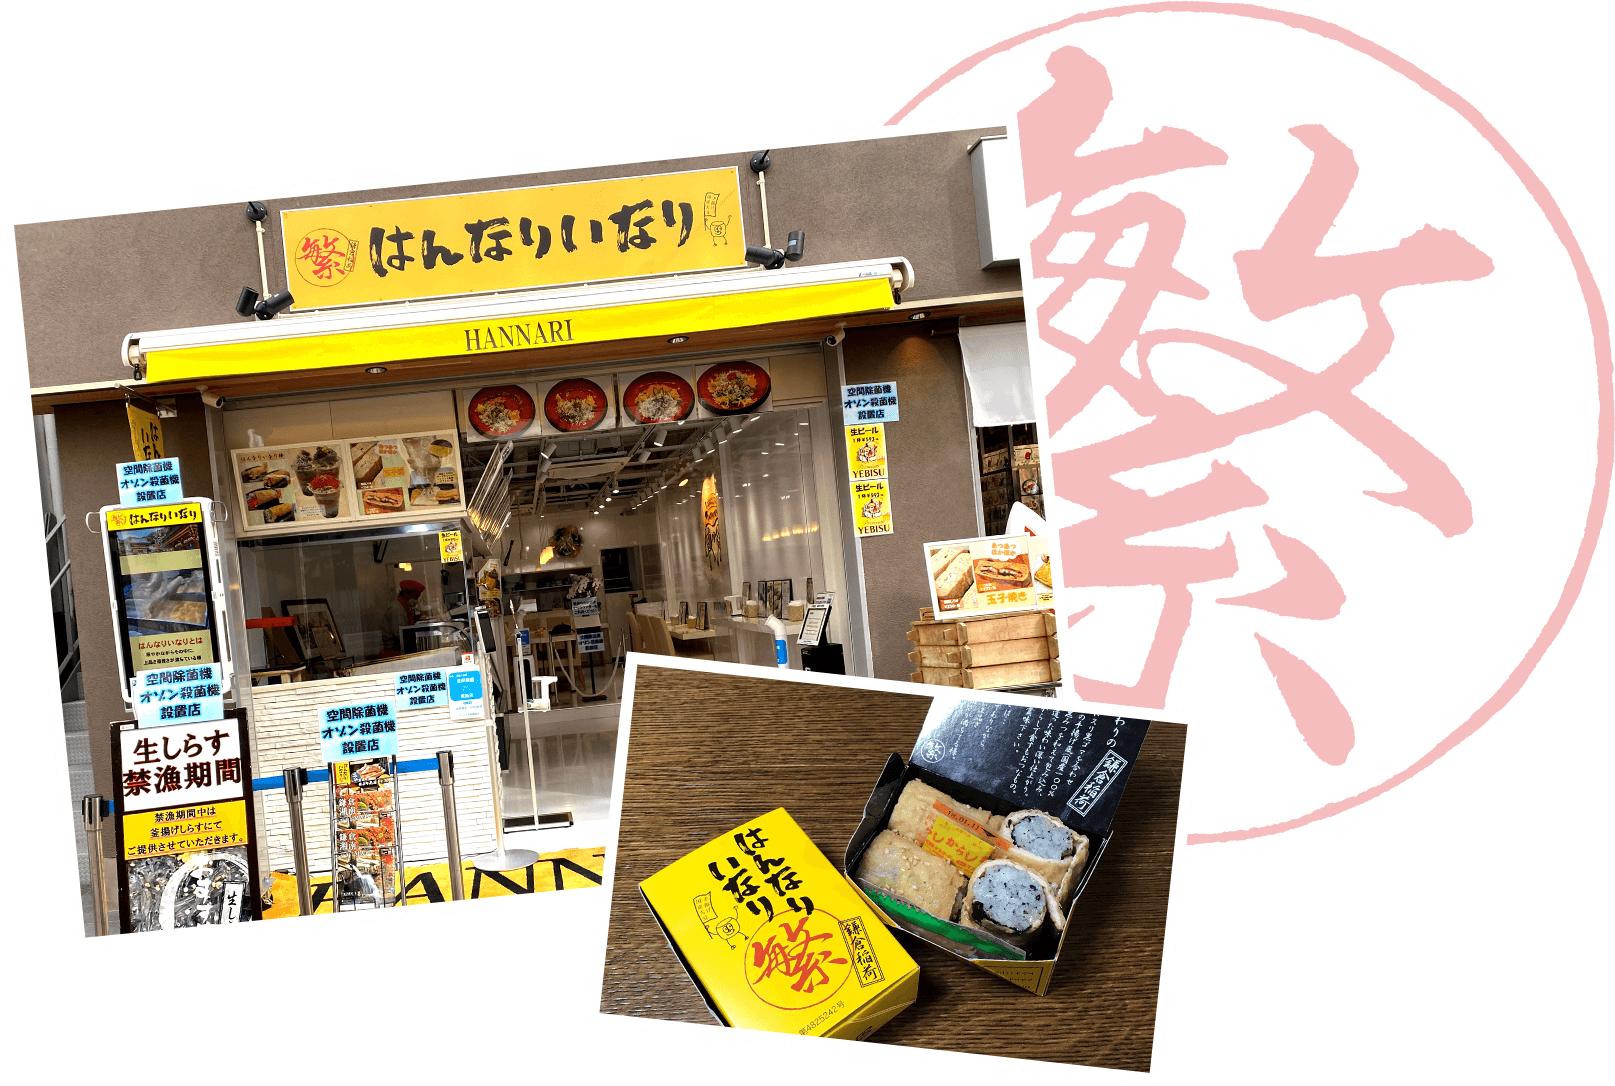 鎌倉名物「はんなりいなり」通販サイトがオープン 「春の軽食セット」が期間限定登場